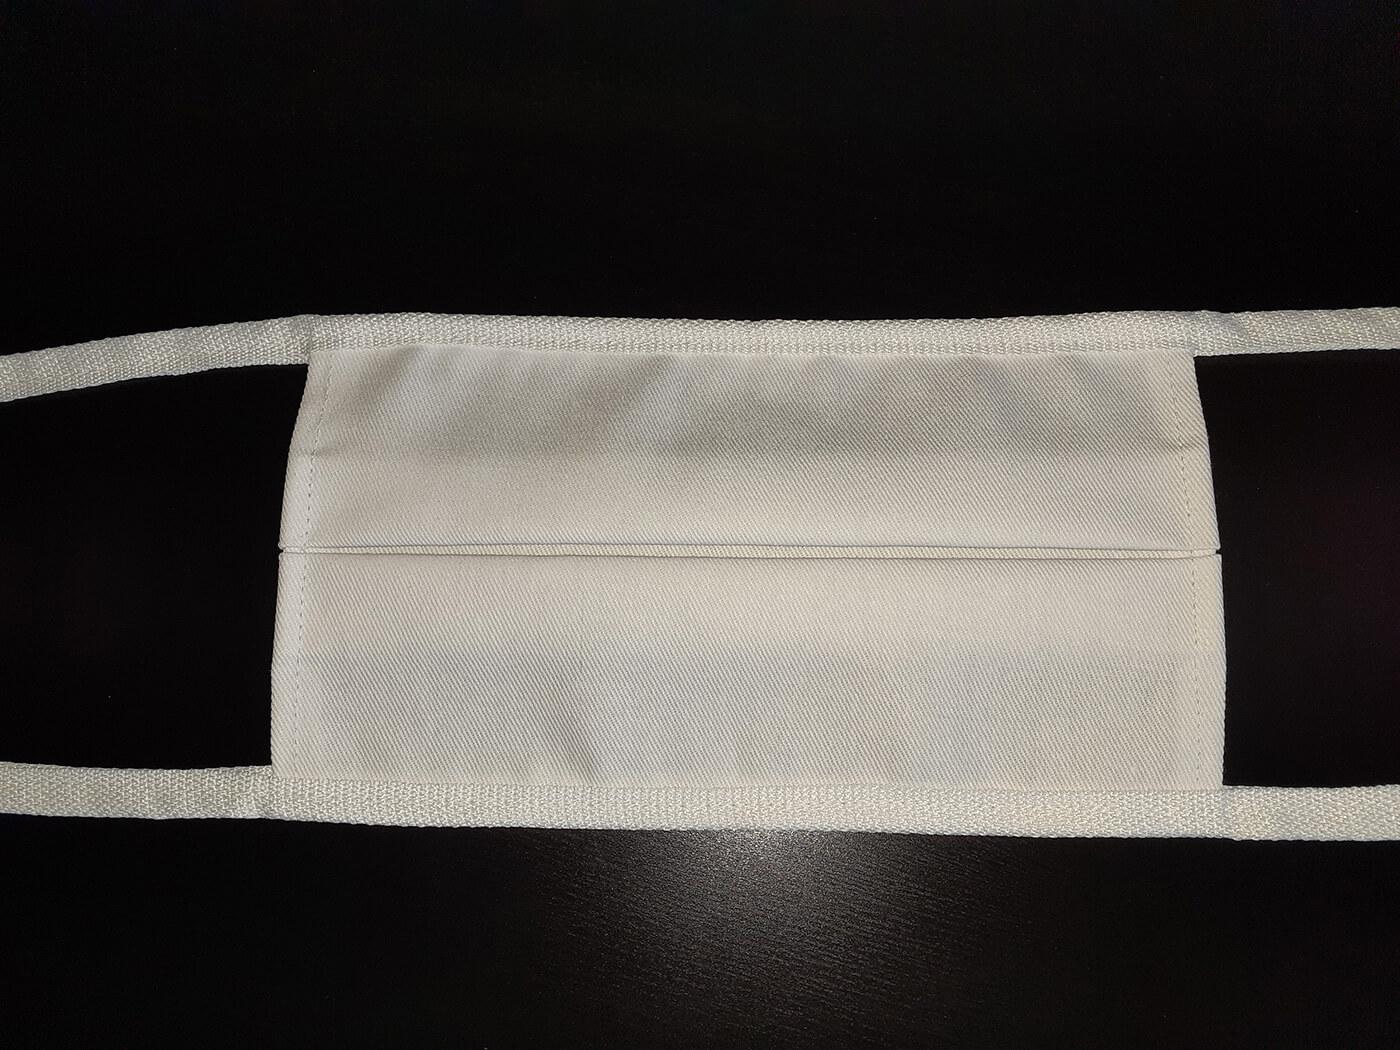 Rúško zo zdravotníckej bavlny - biely obdĺžnik